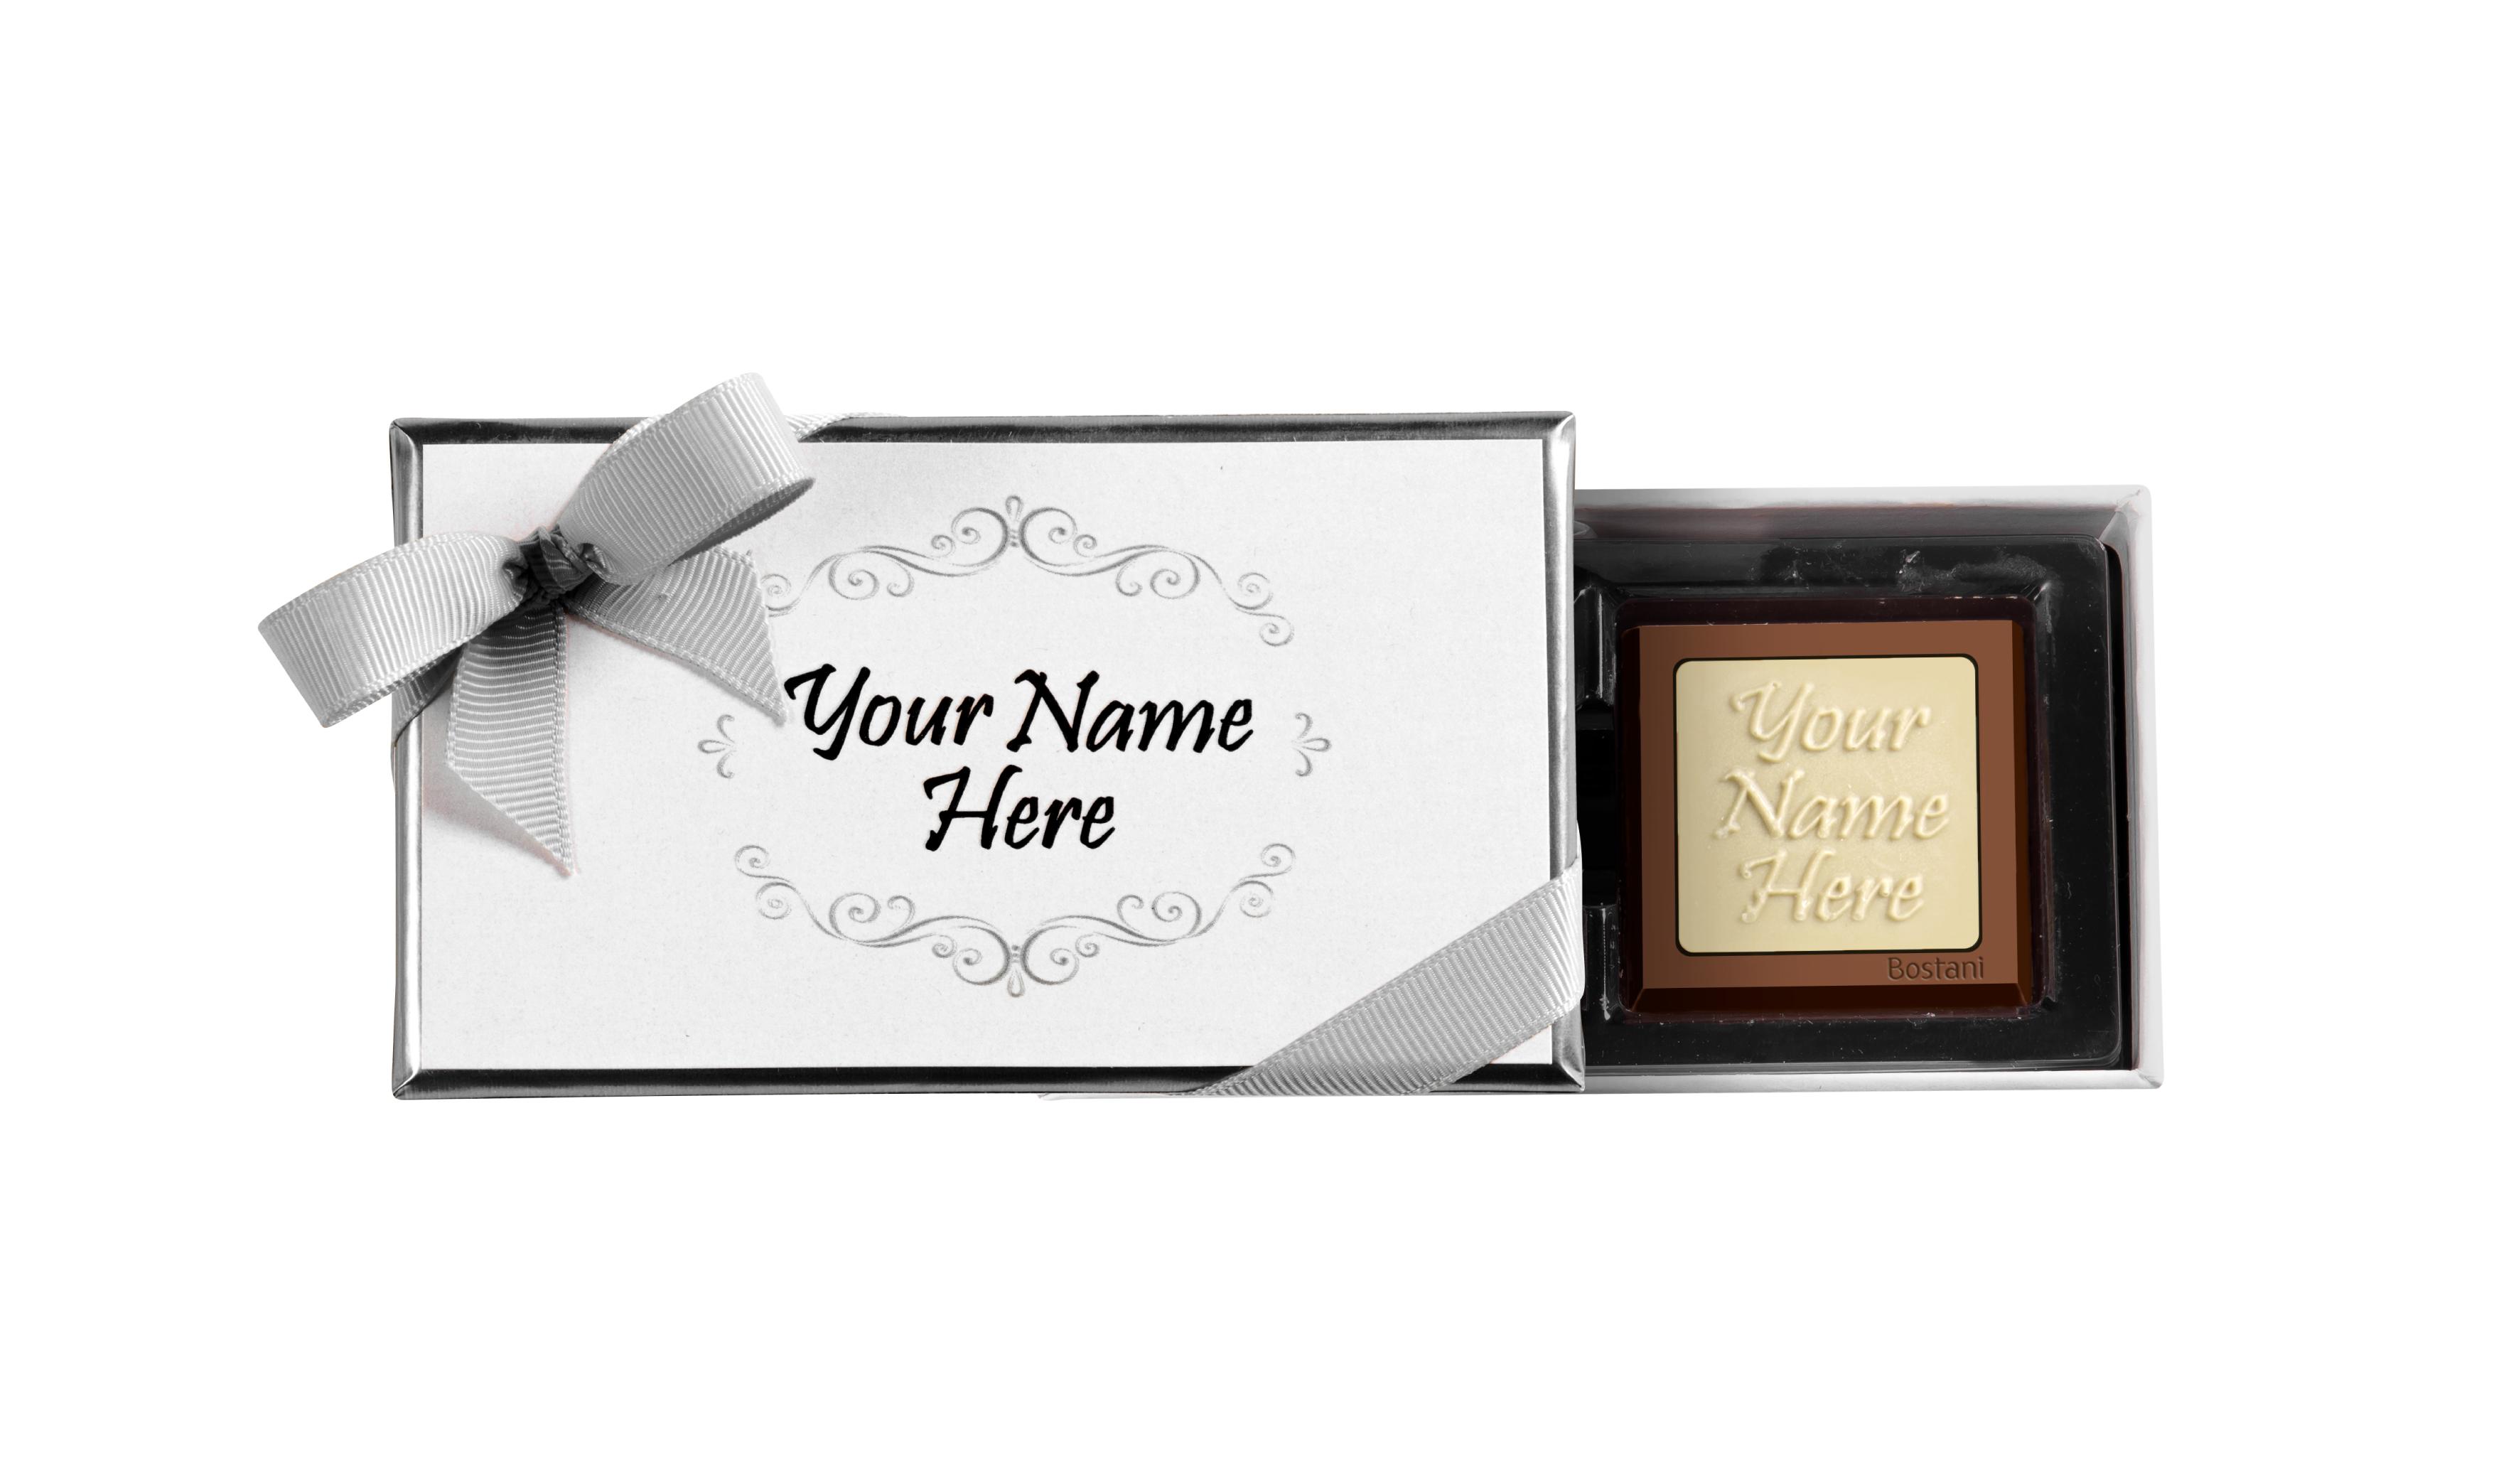 علية الهدايا (2 قطعة شوكولا) فضي